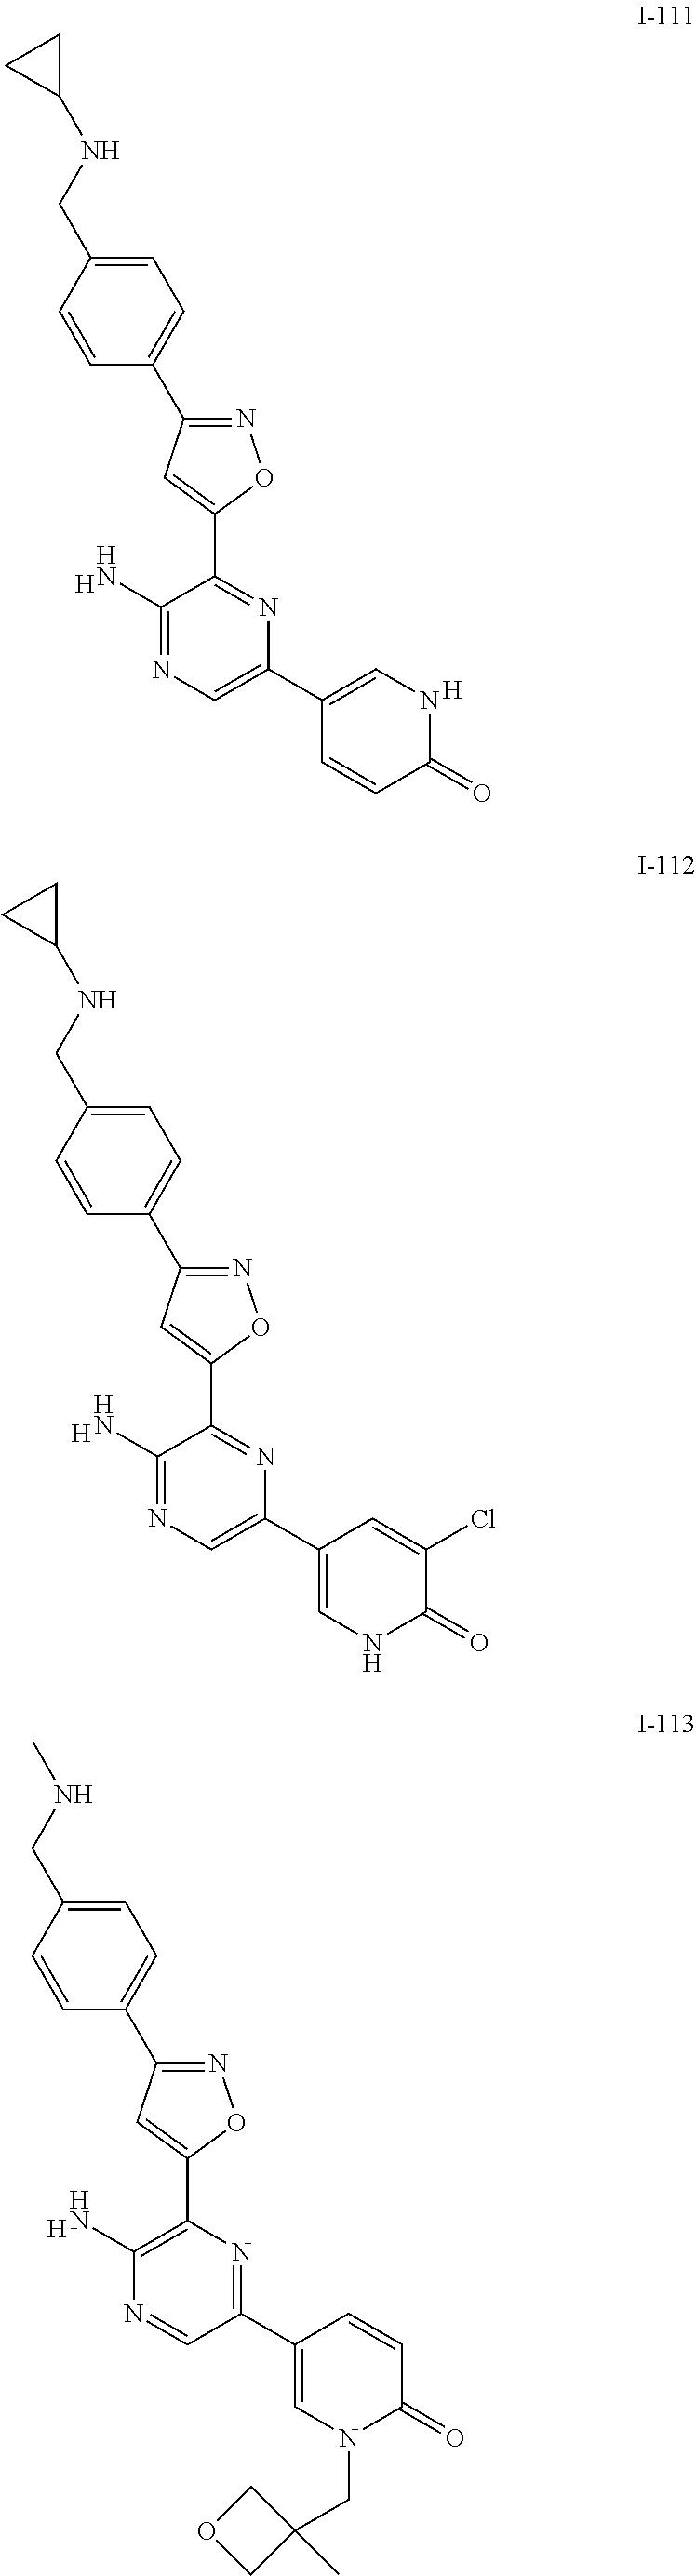 Figure US09630956-20170425-C00255